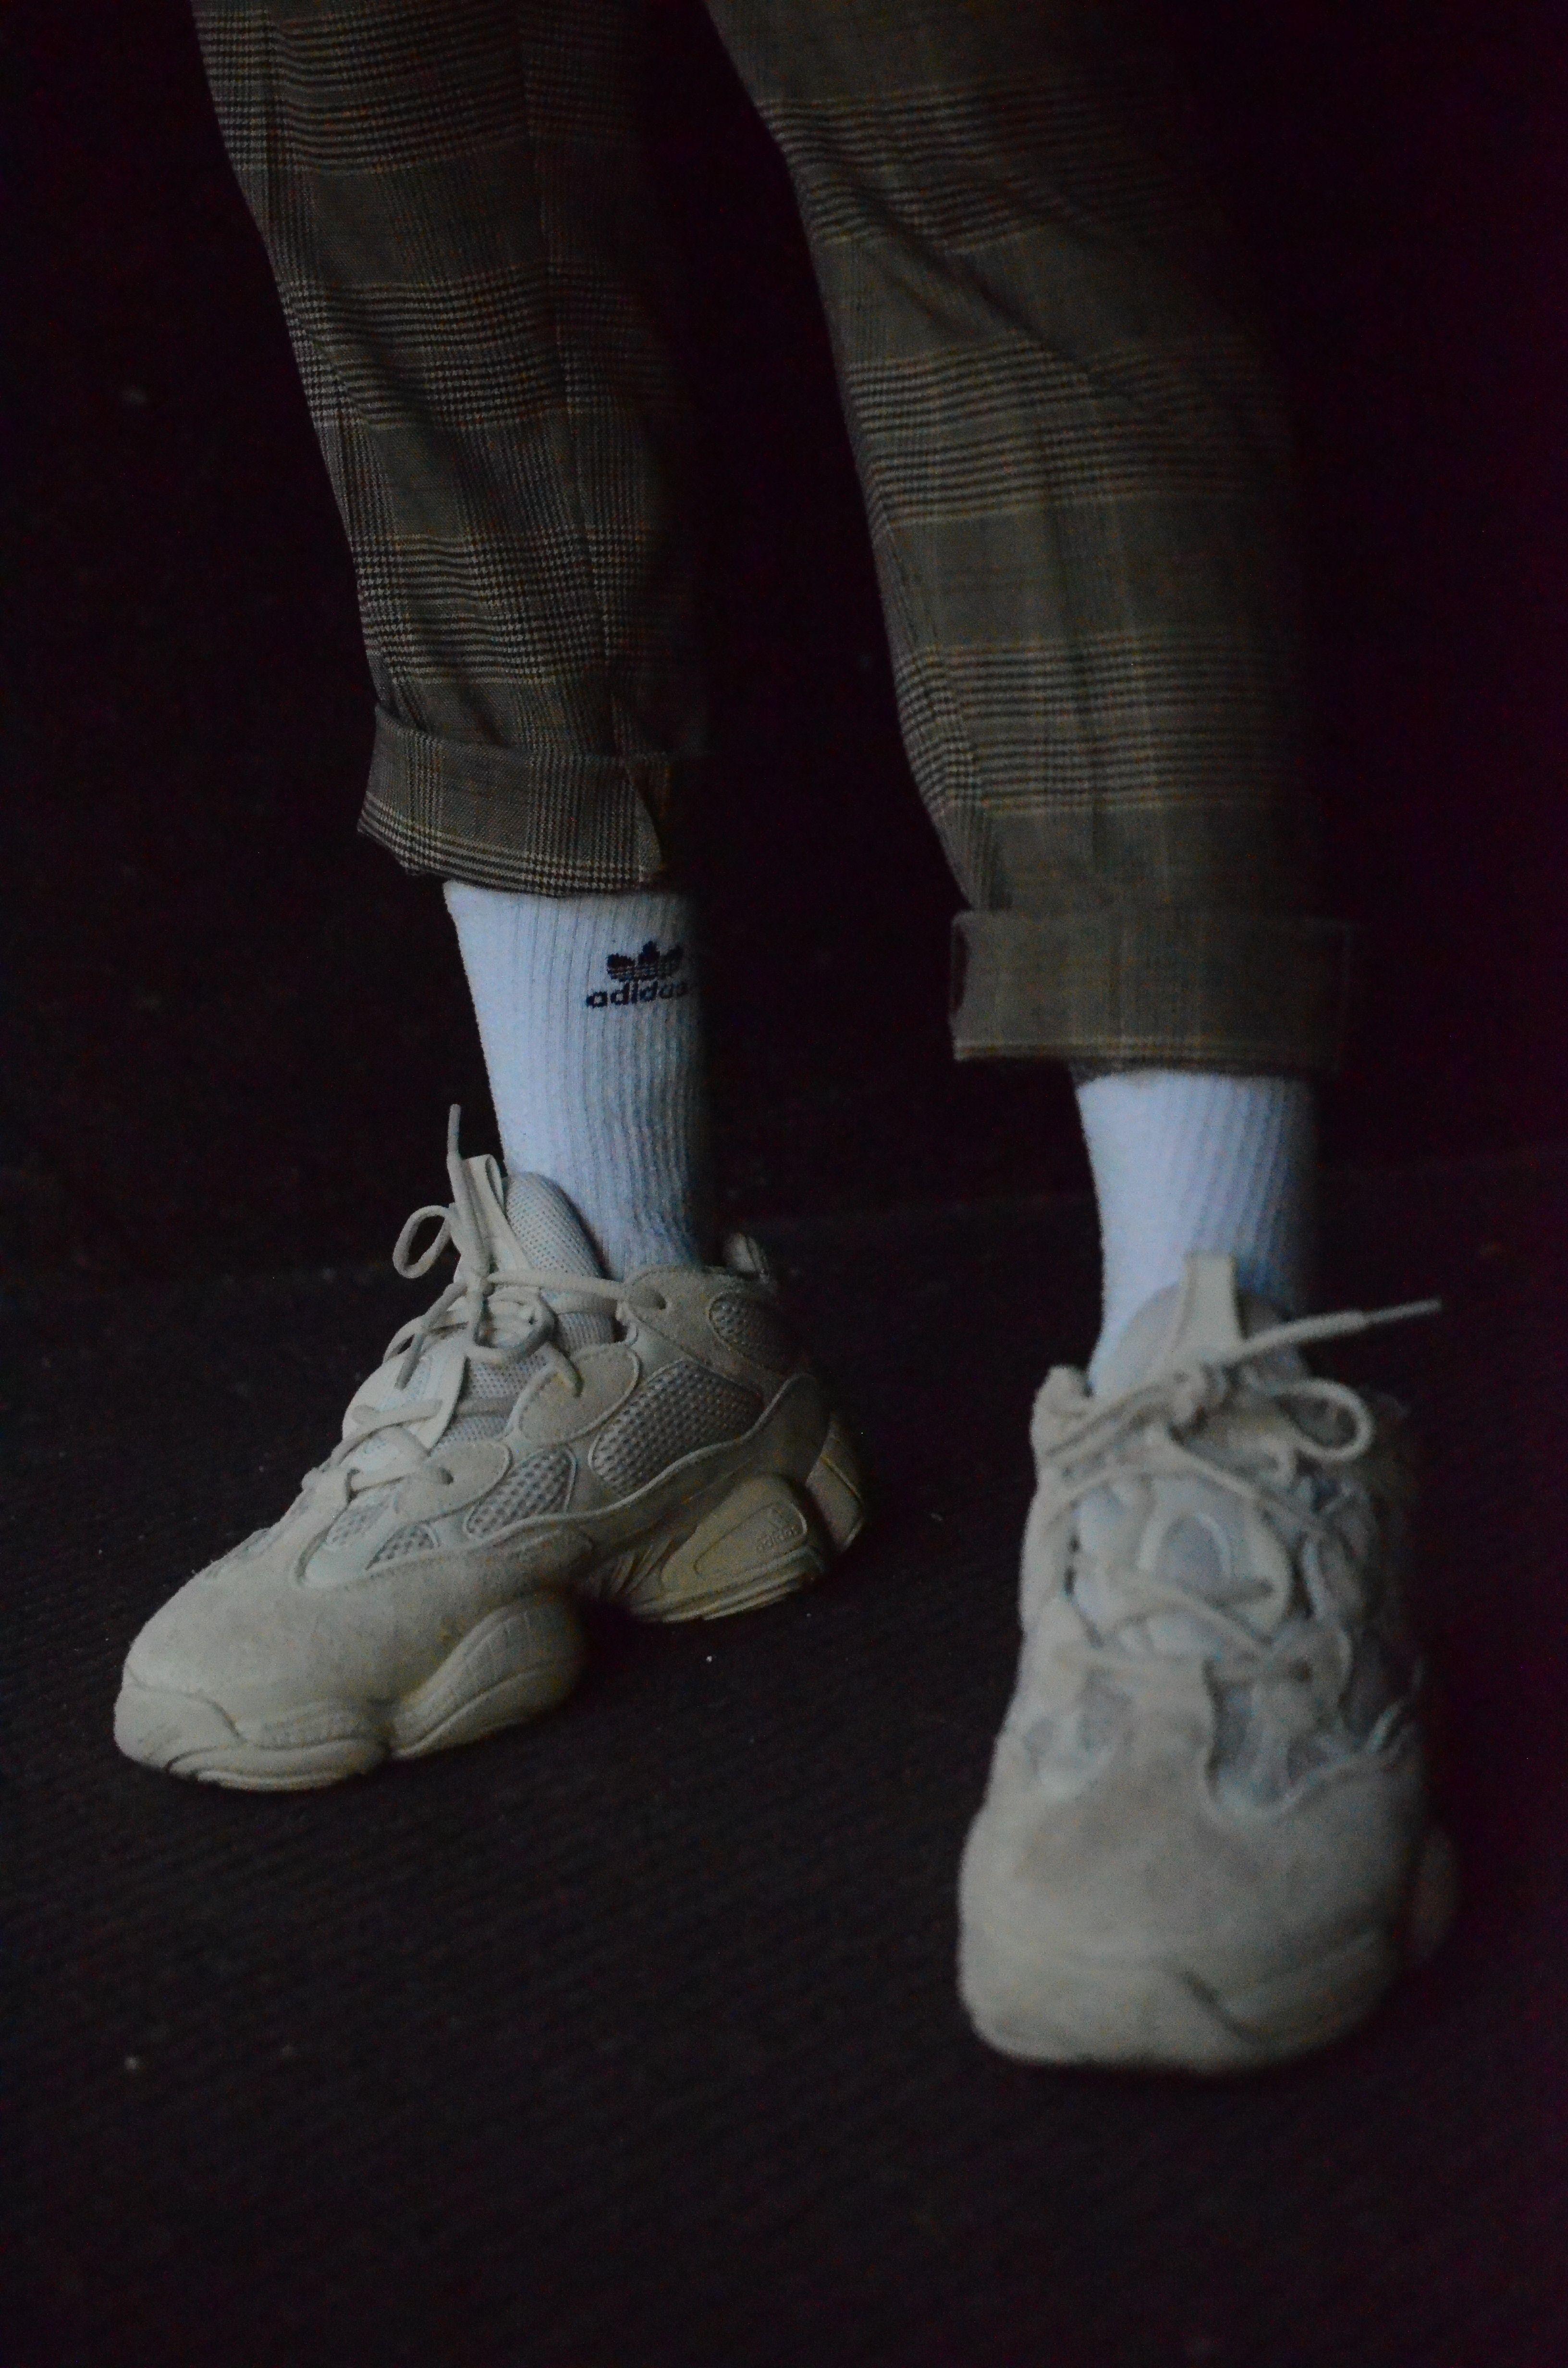 cbaf7f203 Instagram  brysengus ADIDAS YEEZY 500 BLUSH  adidas  yeezy  500  blush   yeezy500  yeezy500blush  desertrat  hype  sneakers  sneakergallery   sneakerheads   ...